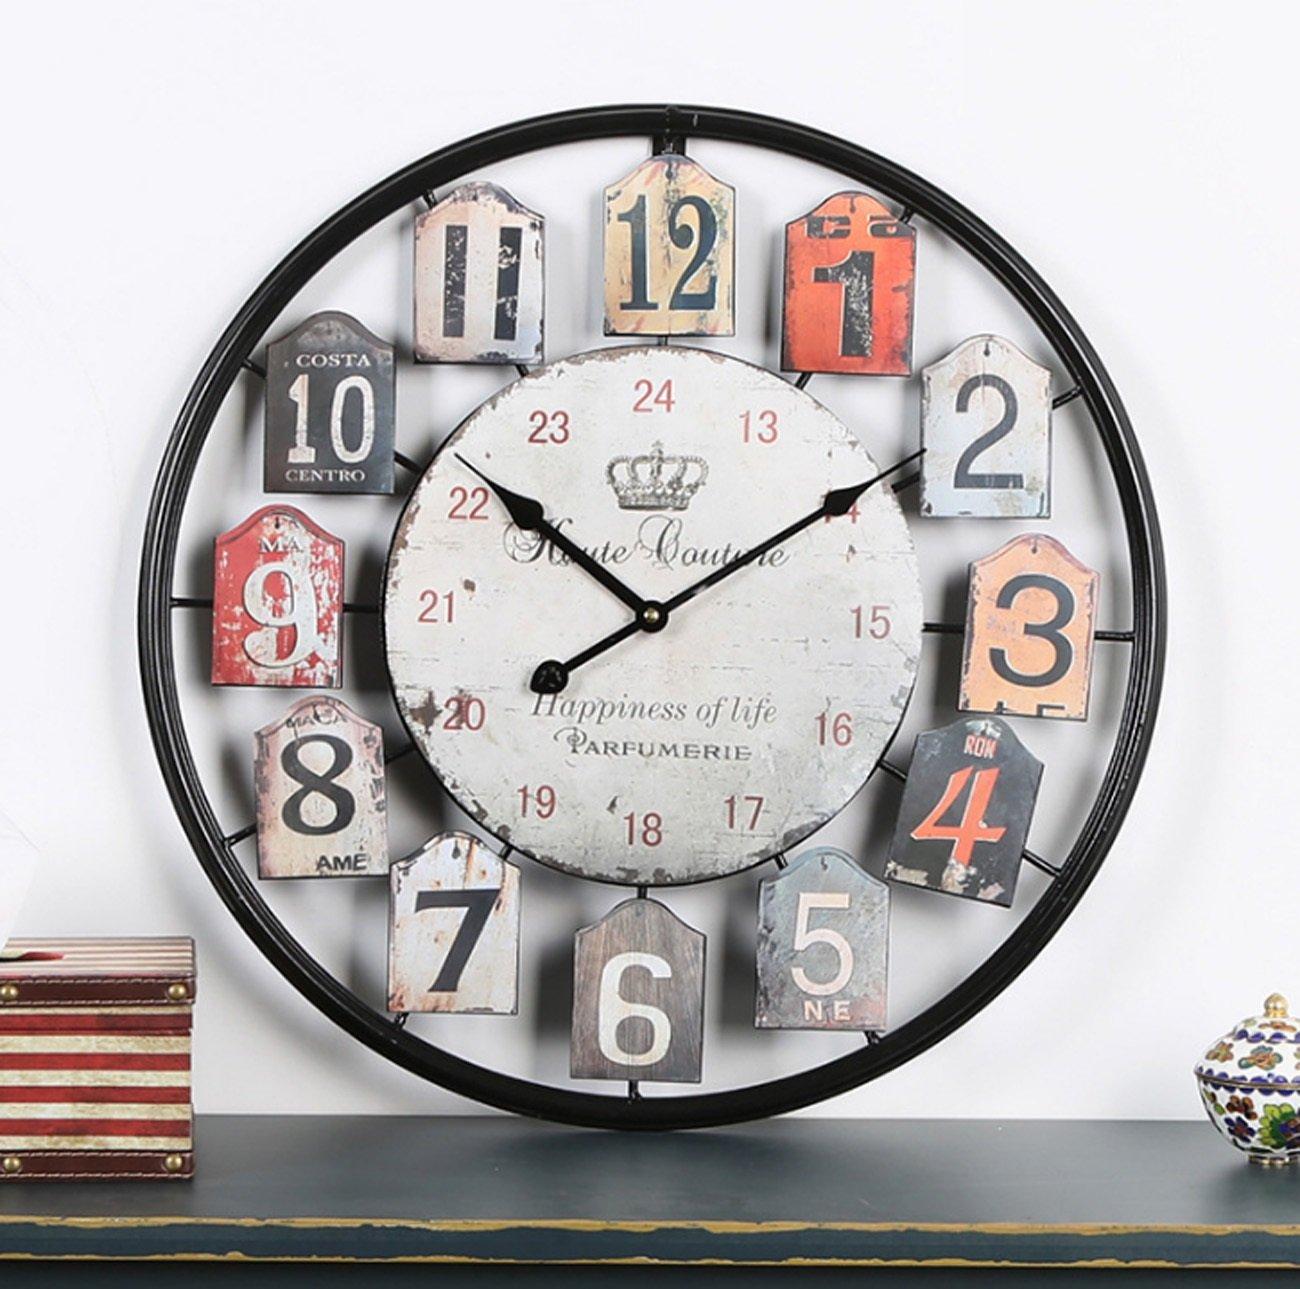 クロック ノスタルジックな鉄の中空ウォールクロック、古いミュートの掛け時計を行うレトロカラフルなアラビア数字の壁の装飾時計バー/カフェ/リビングルーム(50 * 50センチメートル) ウォールオーナメント B07F5NDXV8